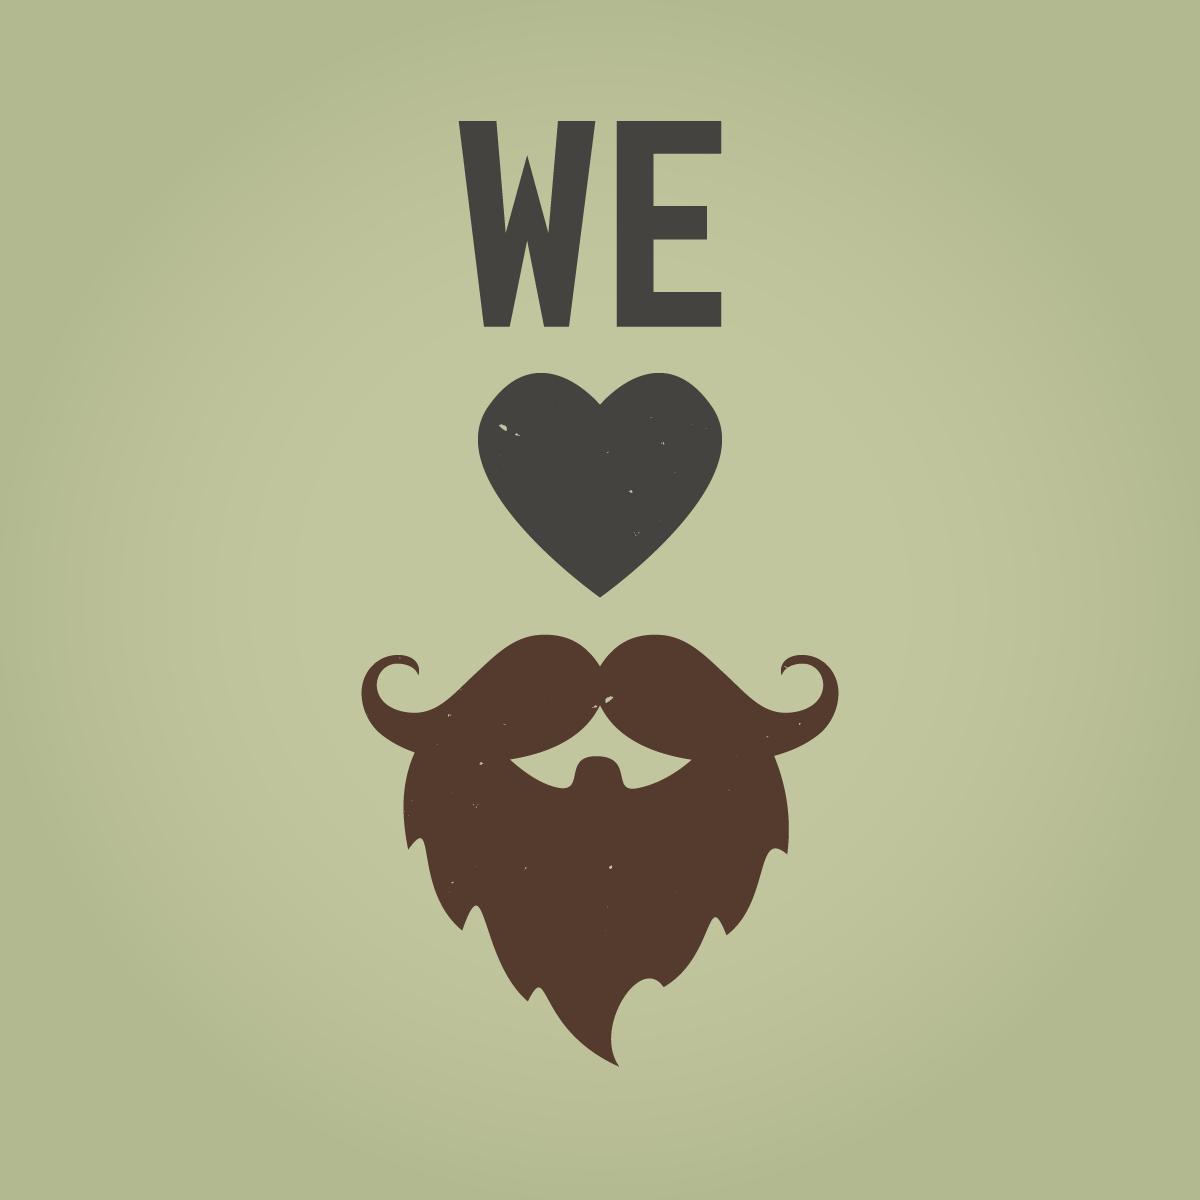 Картинка ко Дню бороды